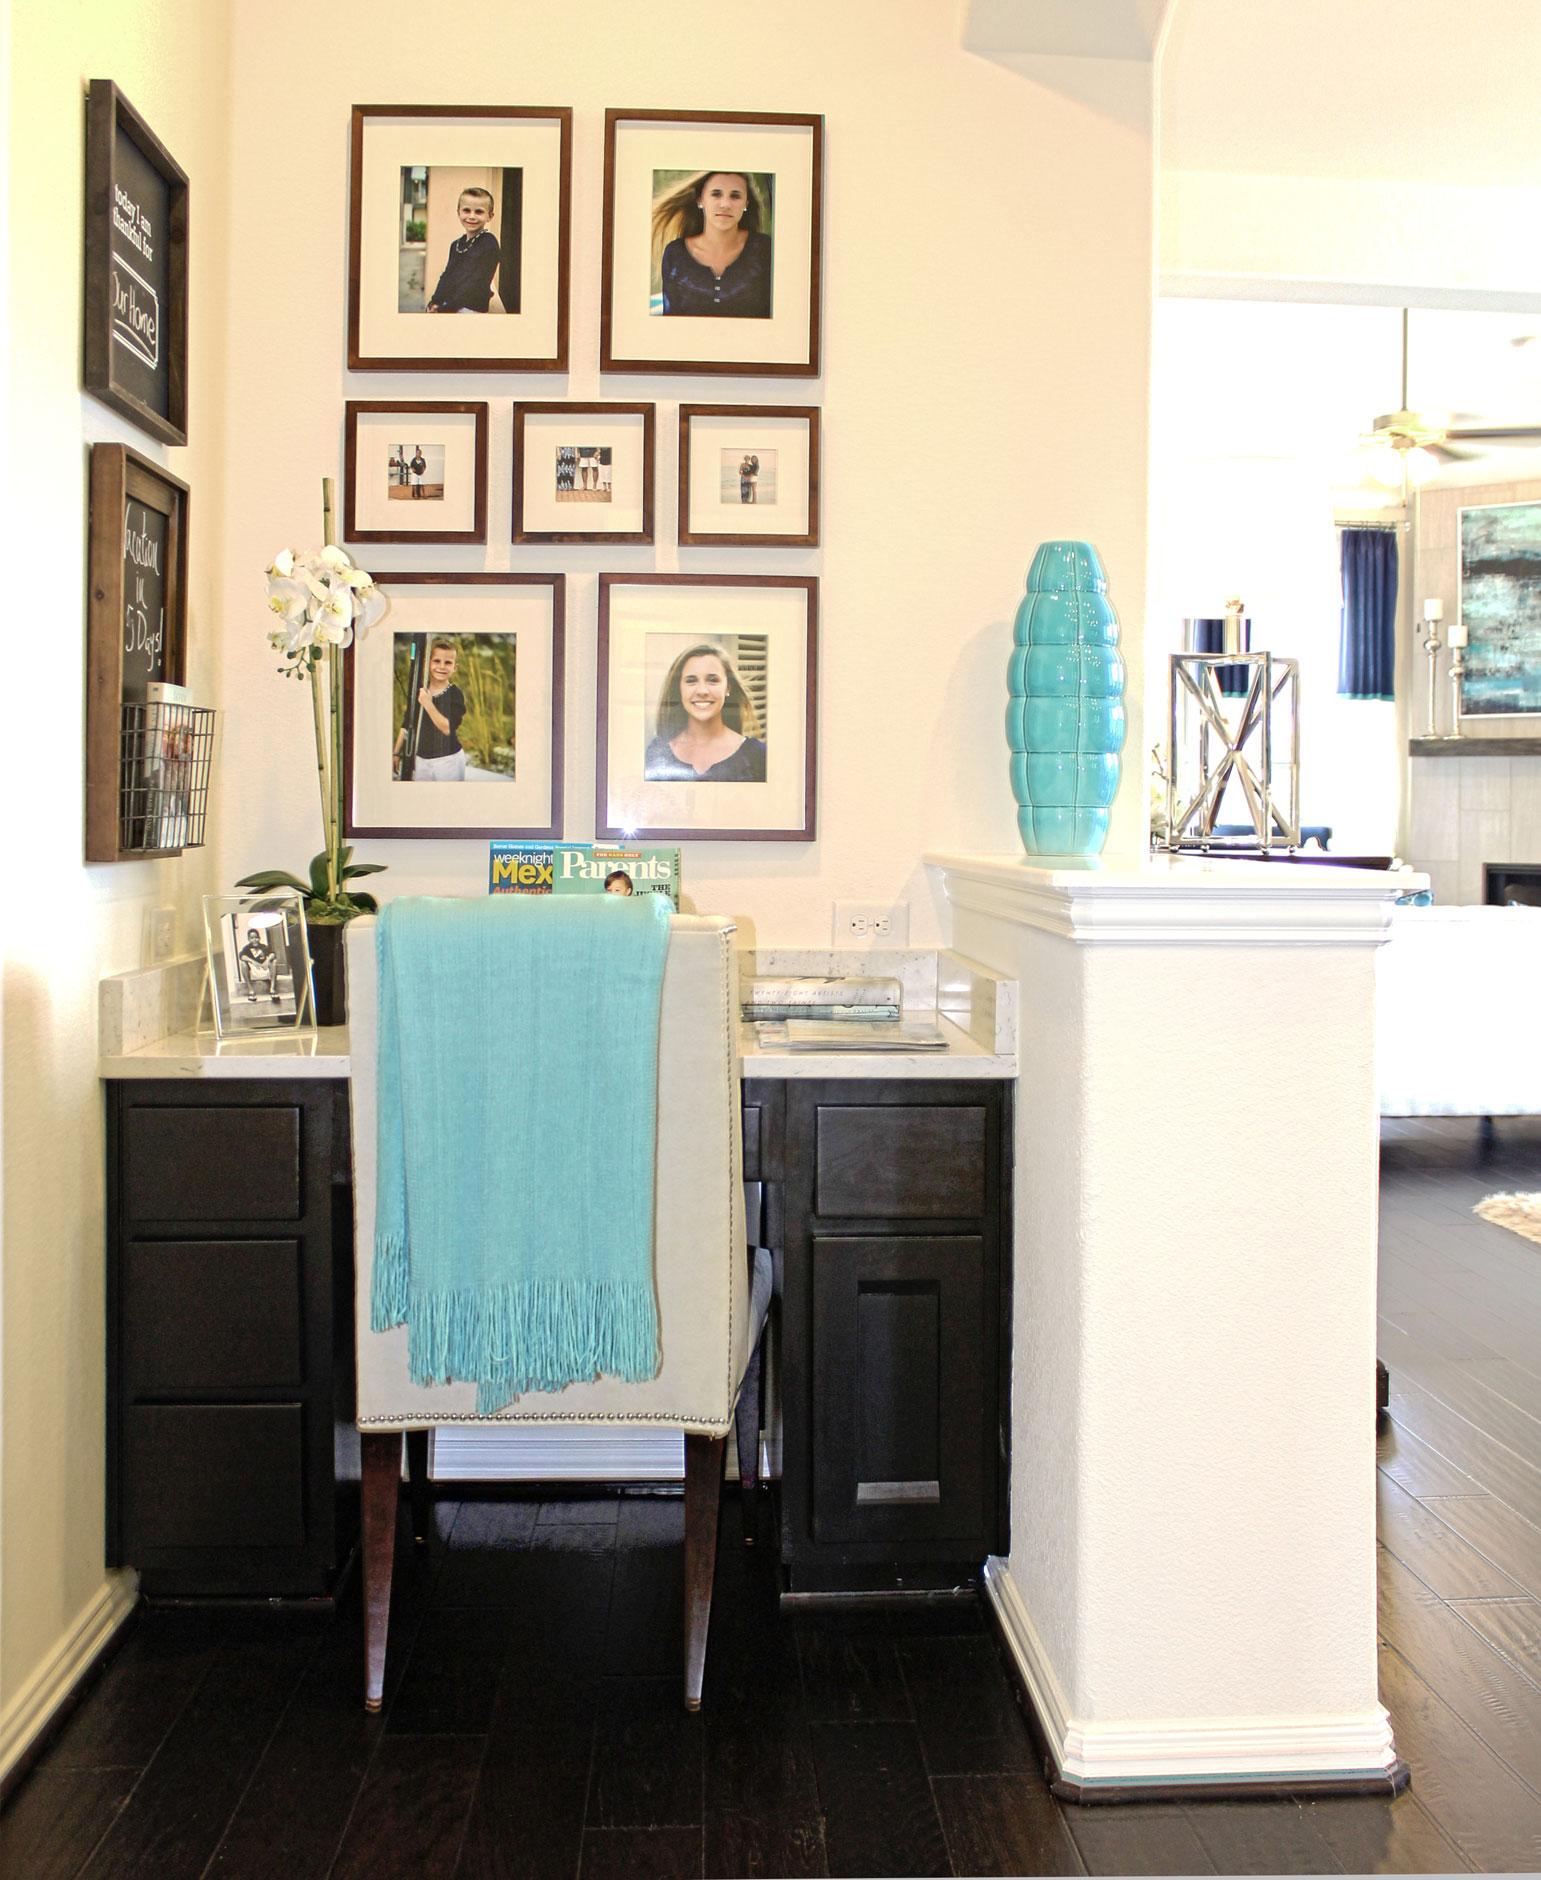 Burrows Cabinets' built in desk in Beech - Rye with Briscoe door design